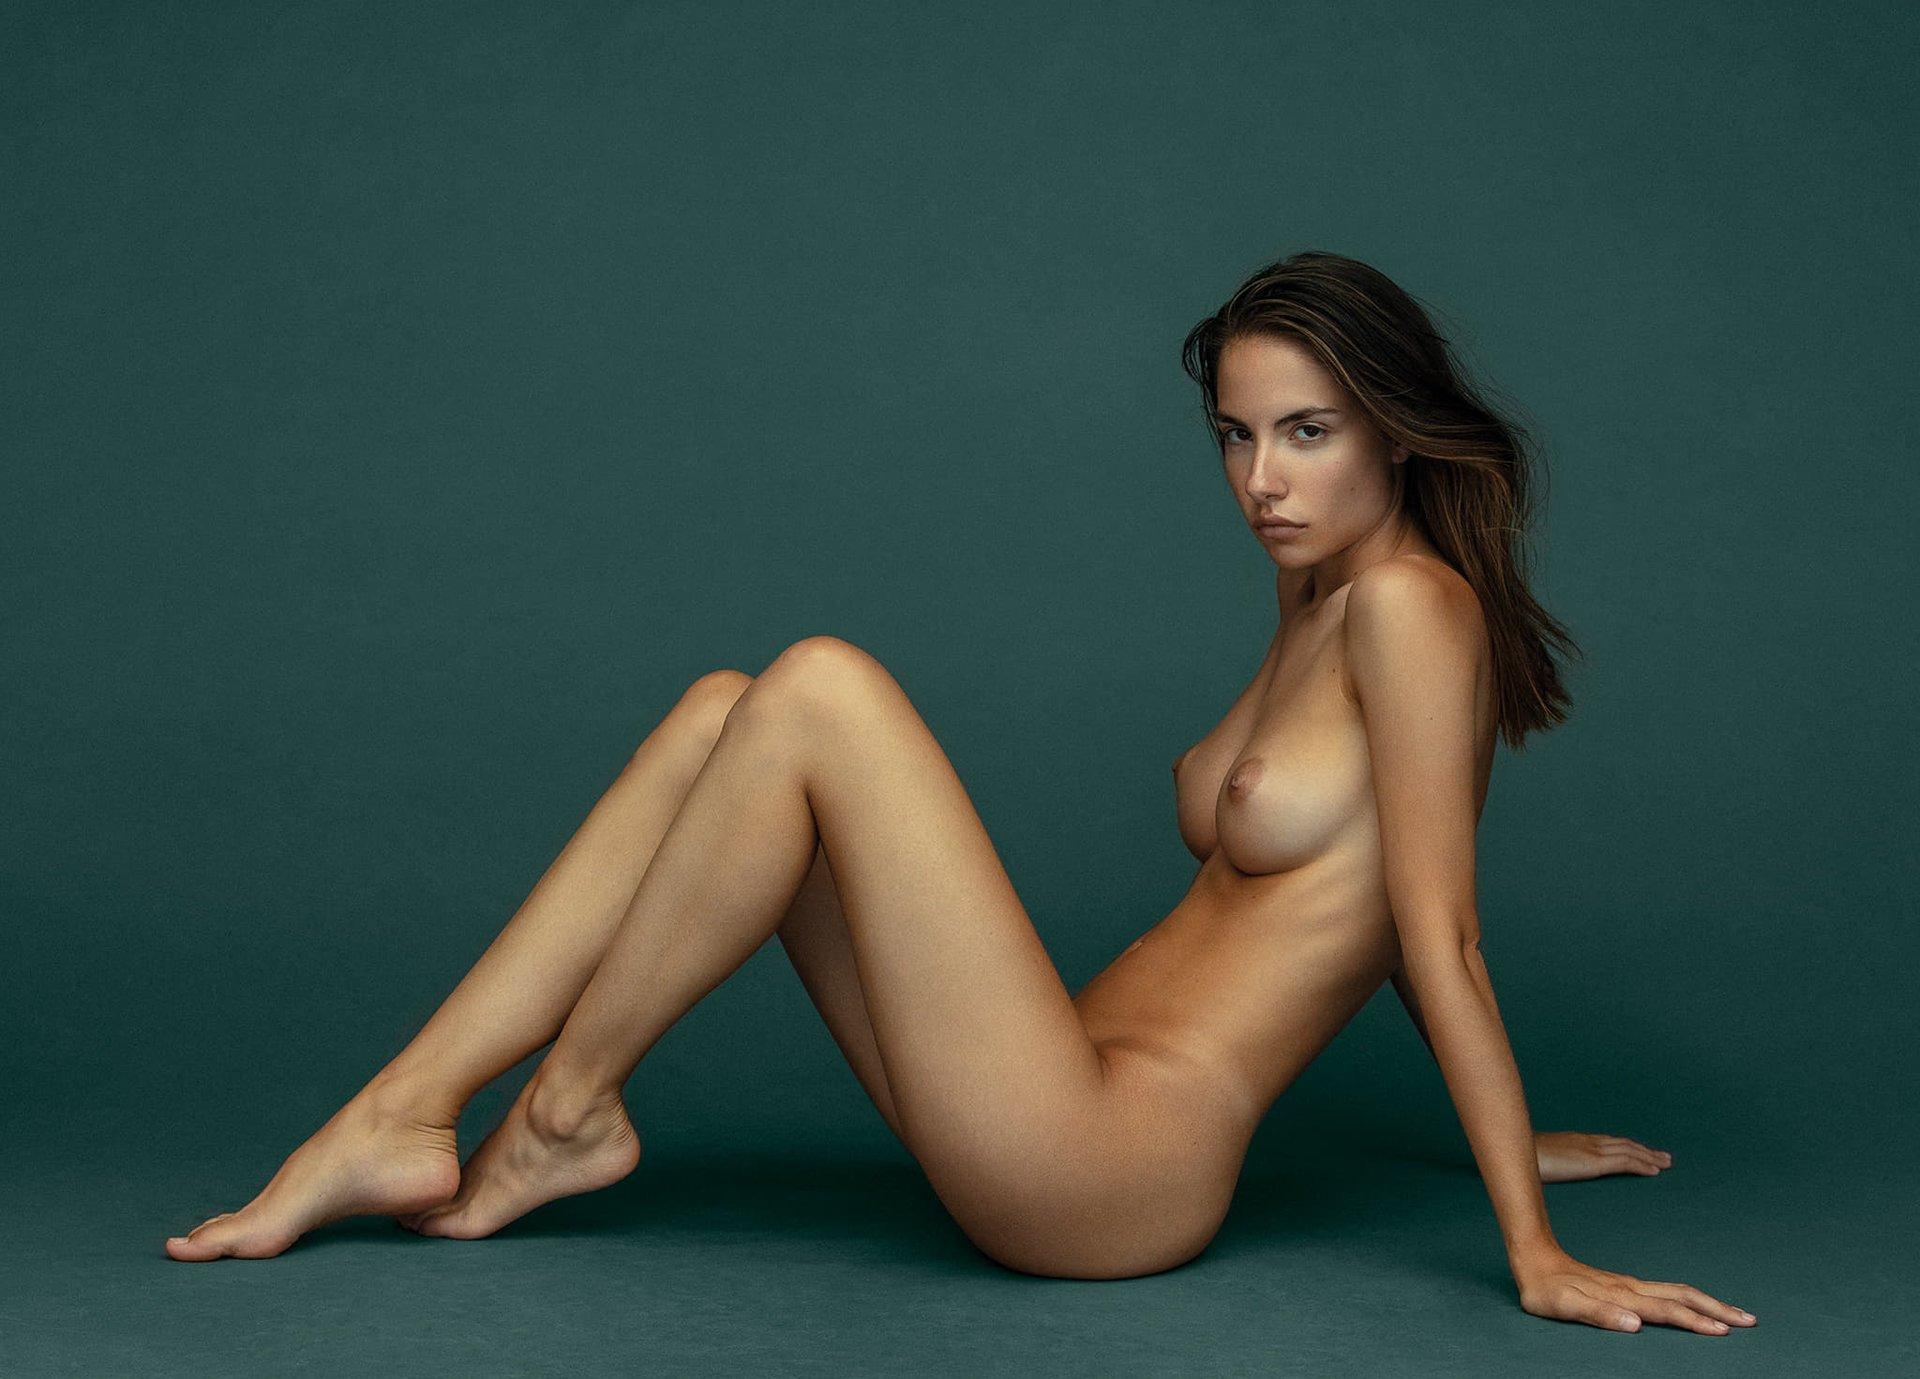 Rebecca Bagnol Rebeccabagnol Nudes Leaks 0009